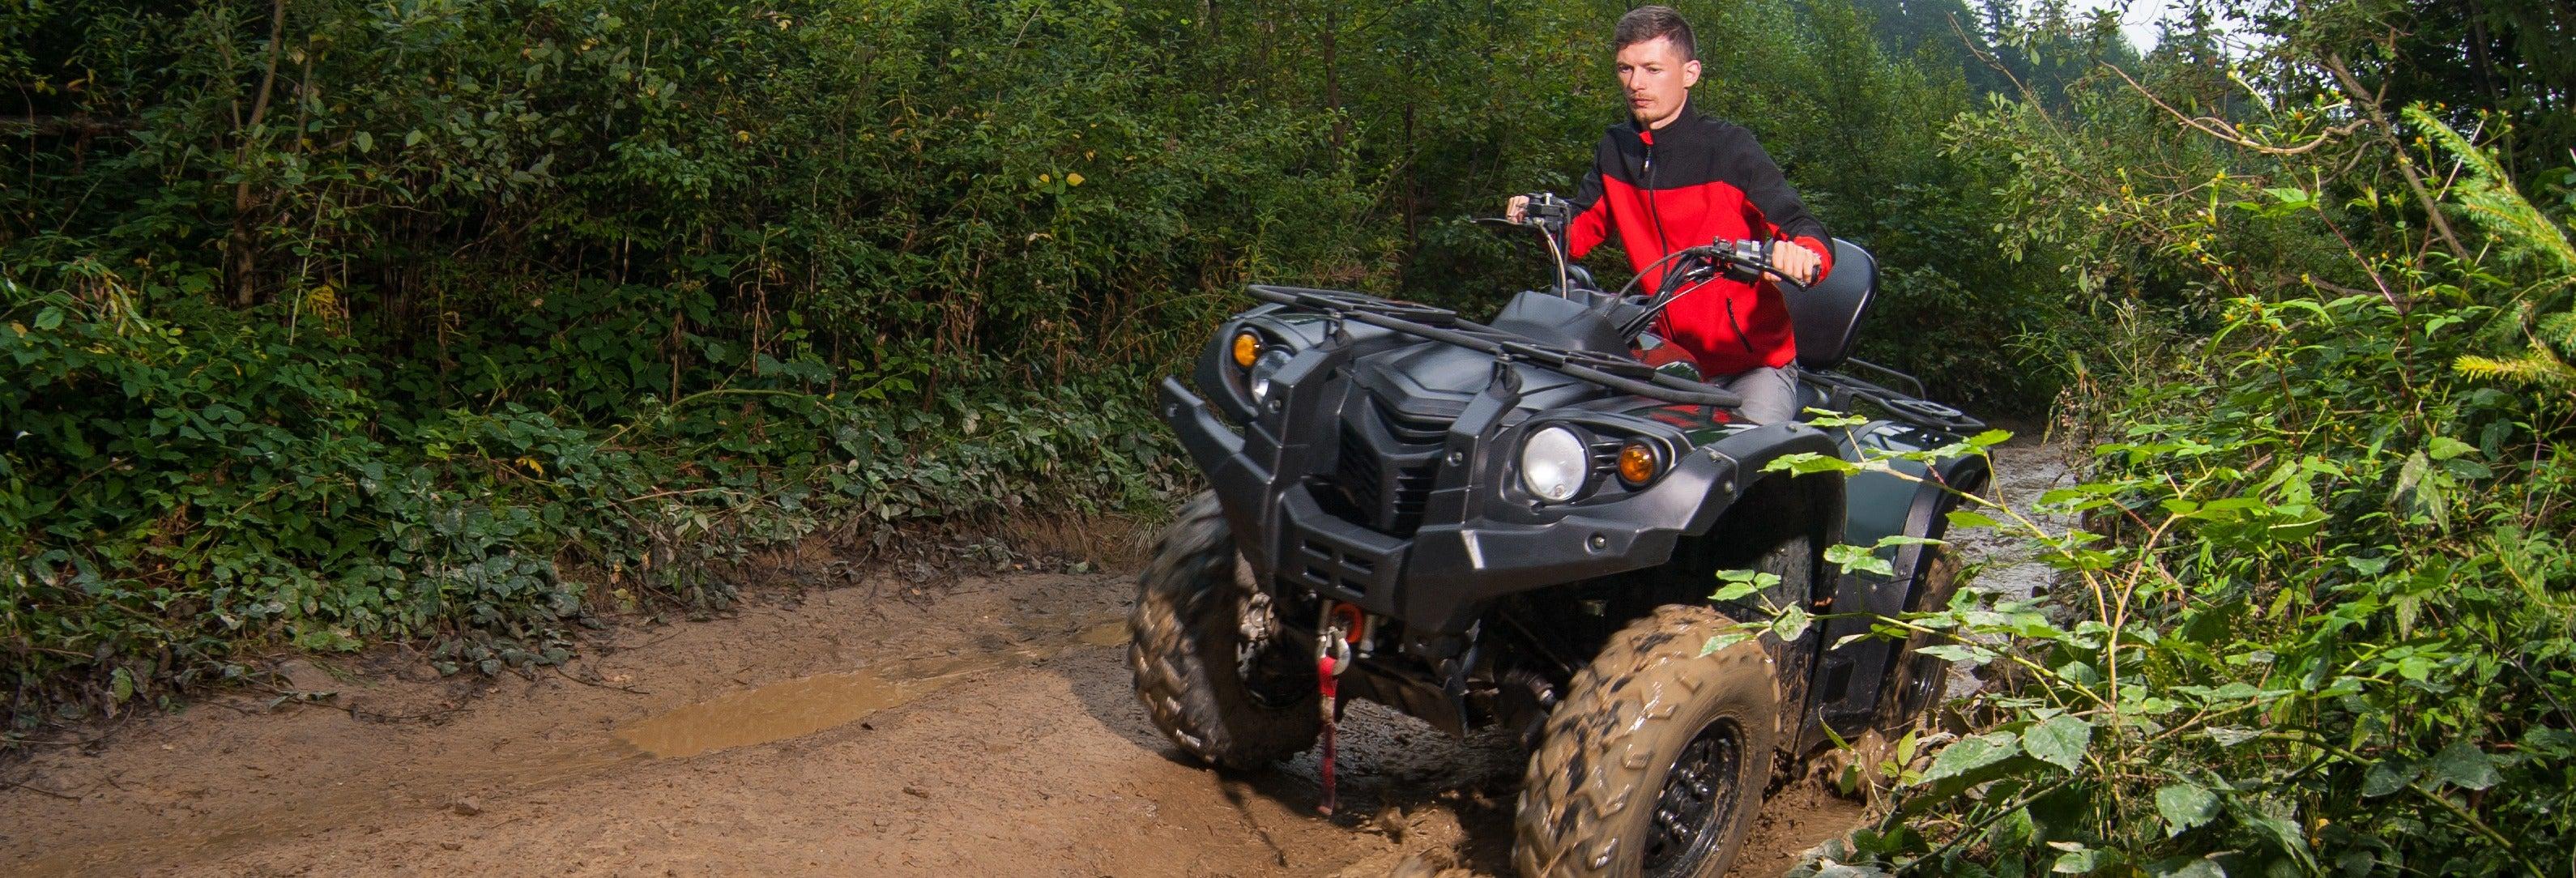 Tour de quadriciclo por Krabi